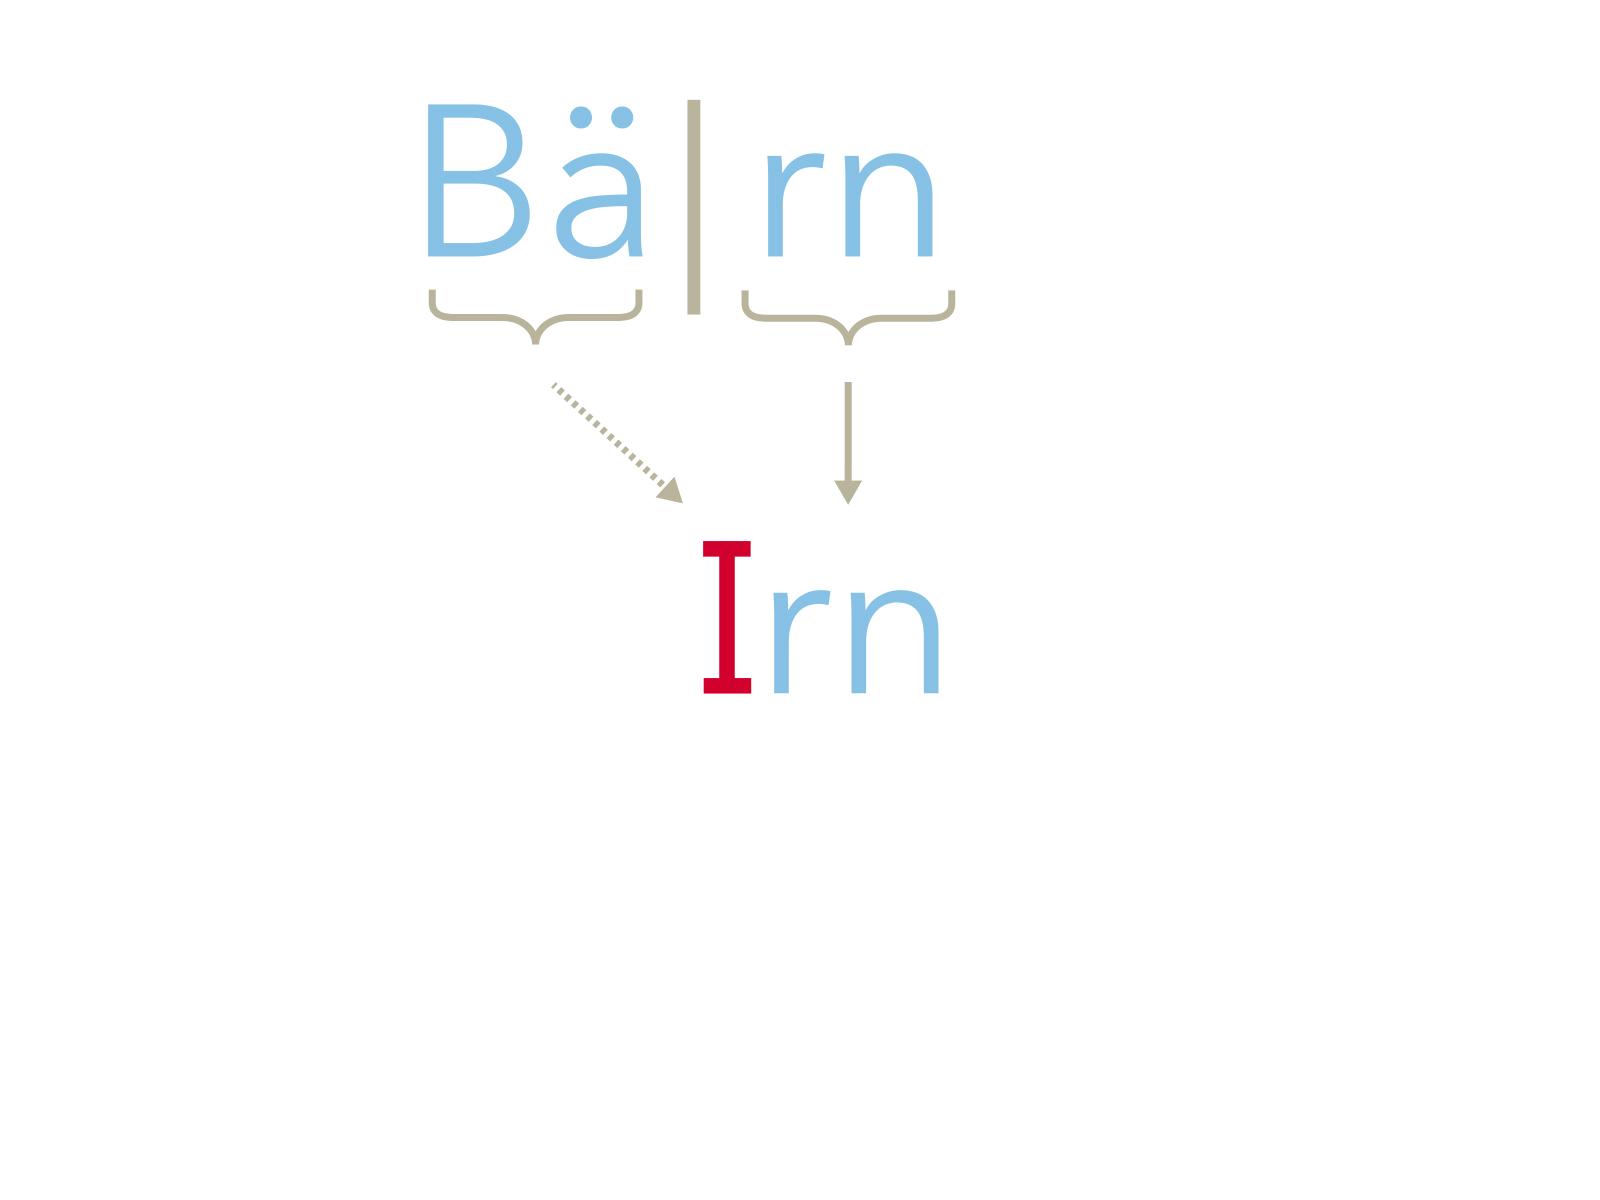 Matteänglisch: Bern, Schritt 3